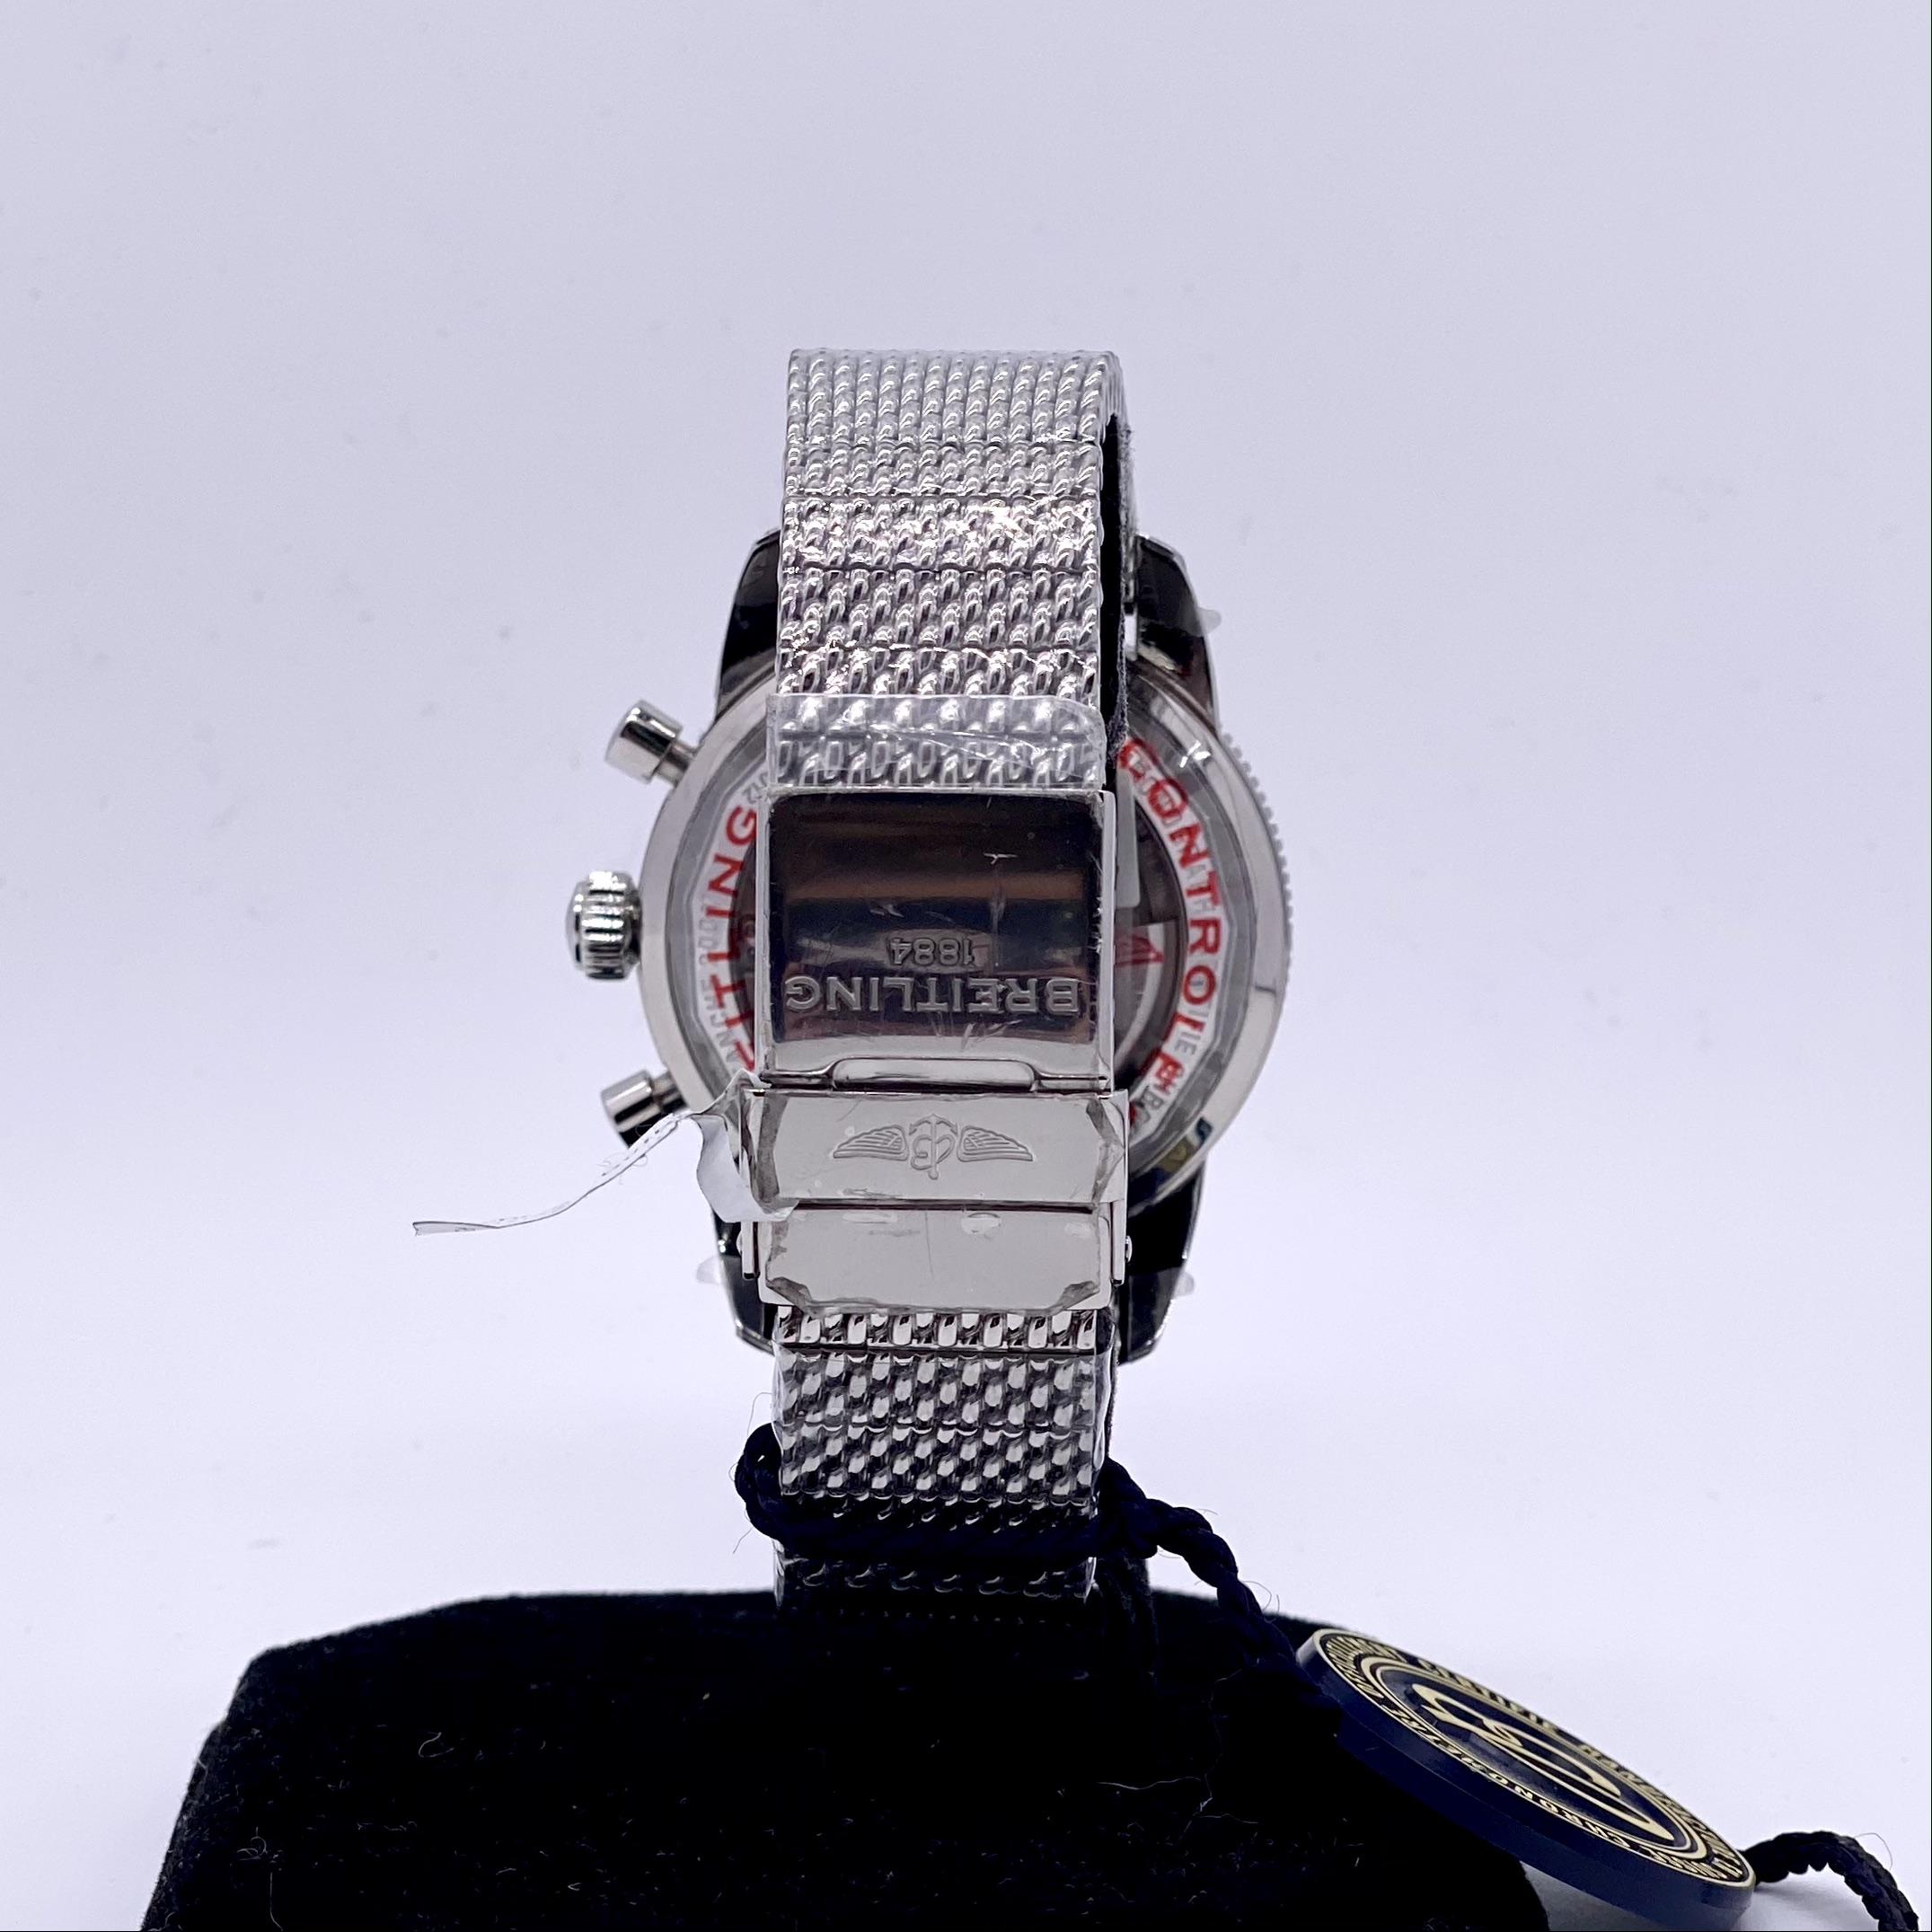 Breitling Super Ocean AB0162 - Image 3 of 3